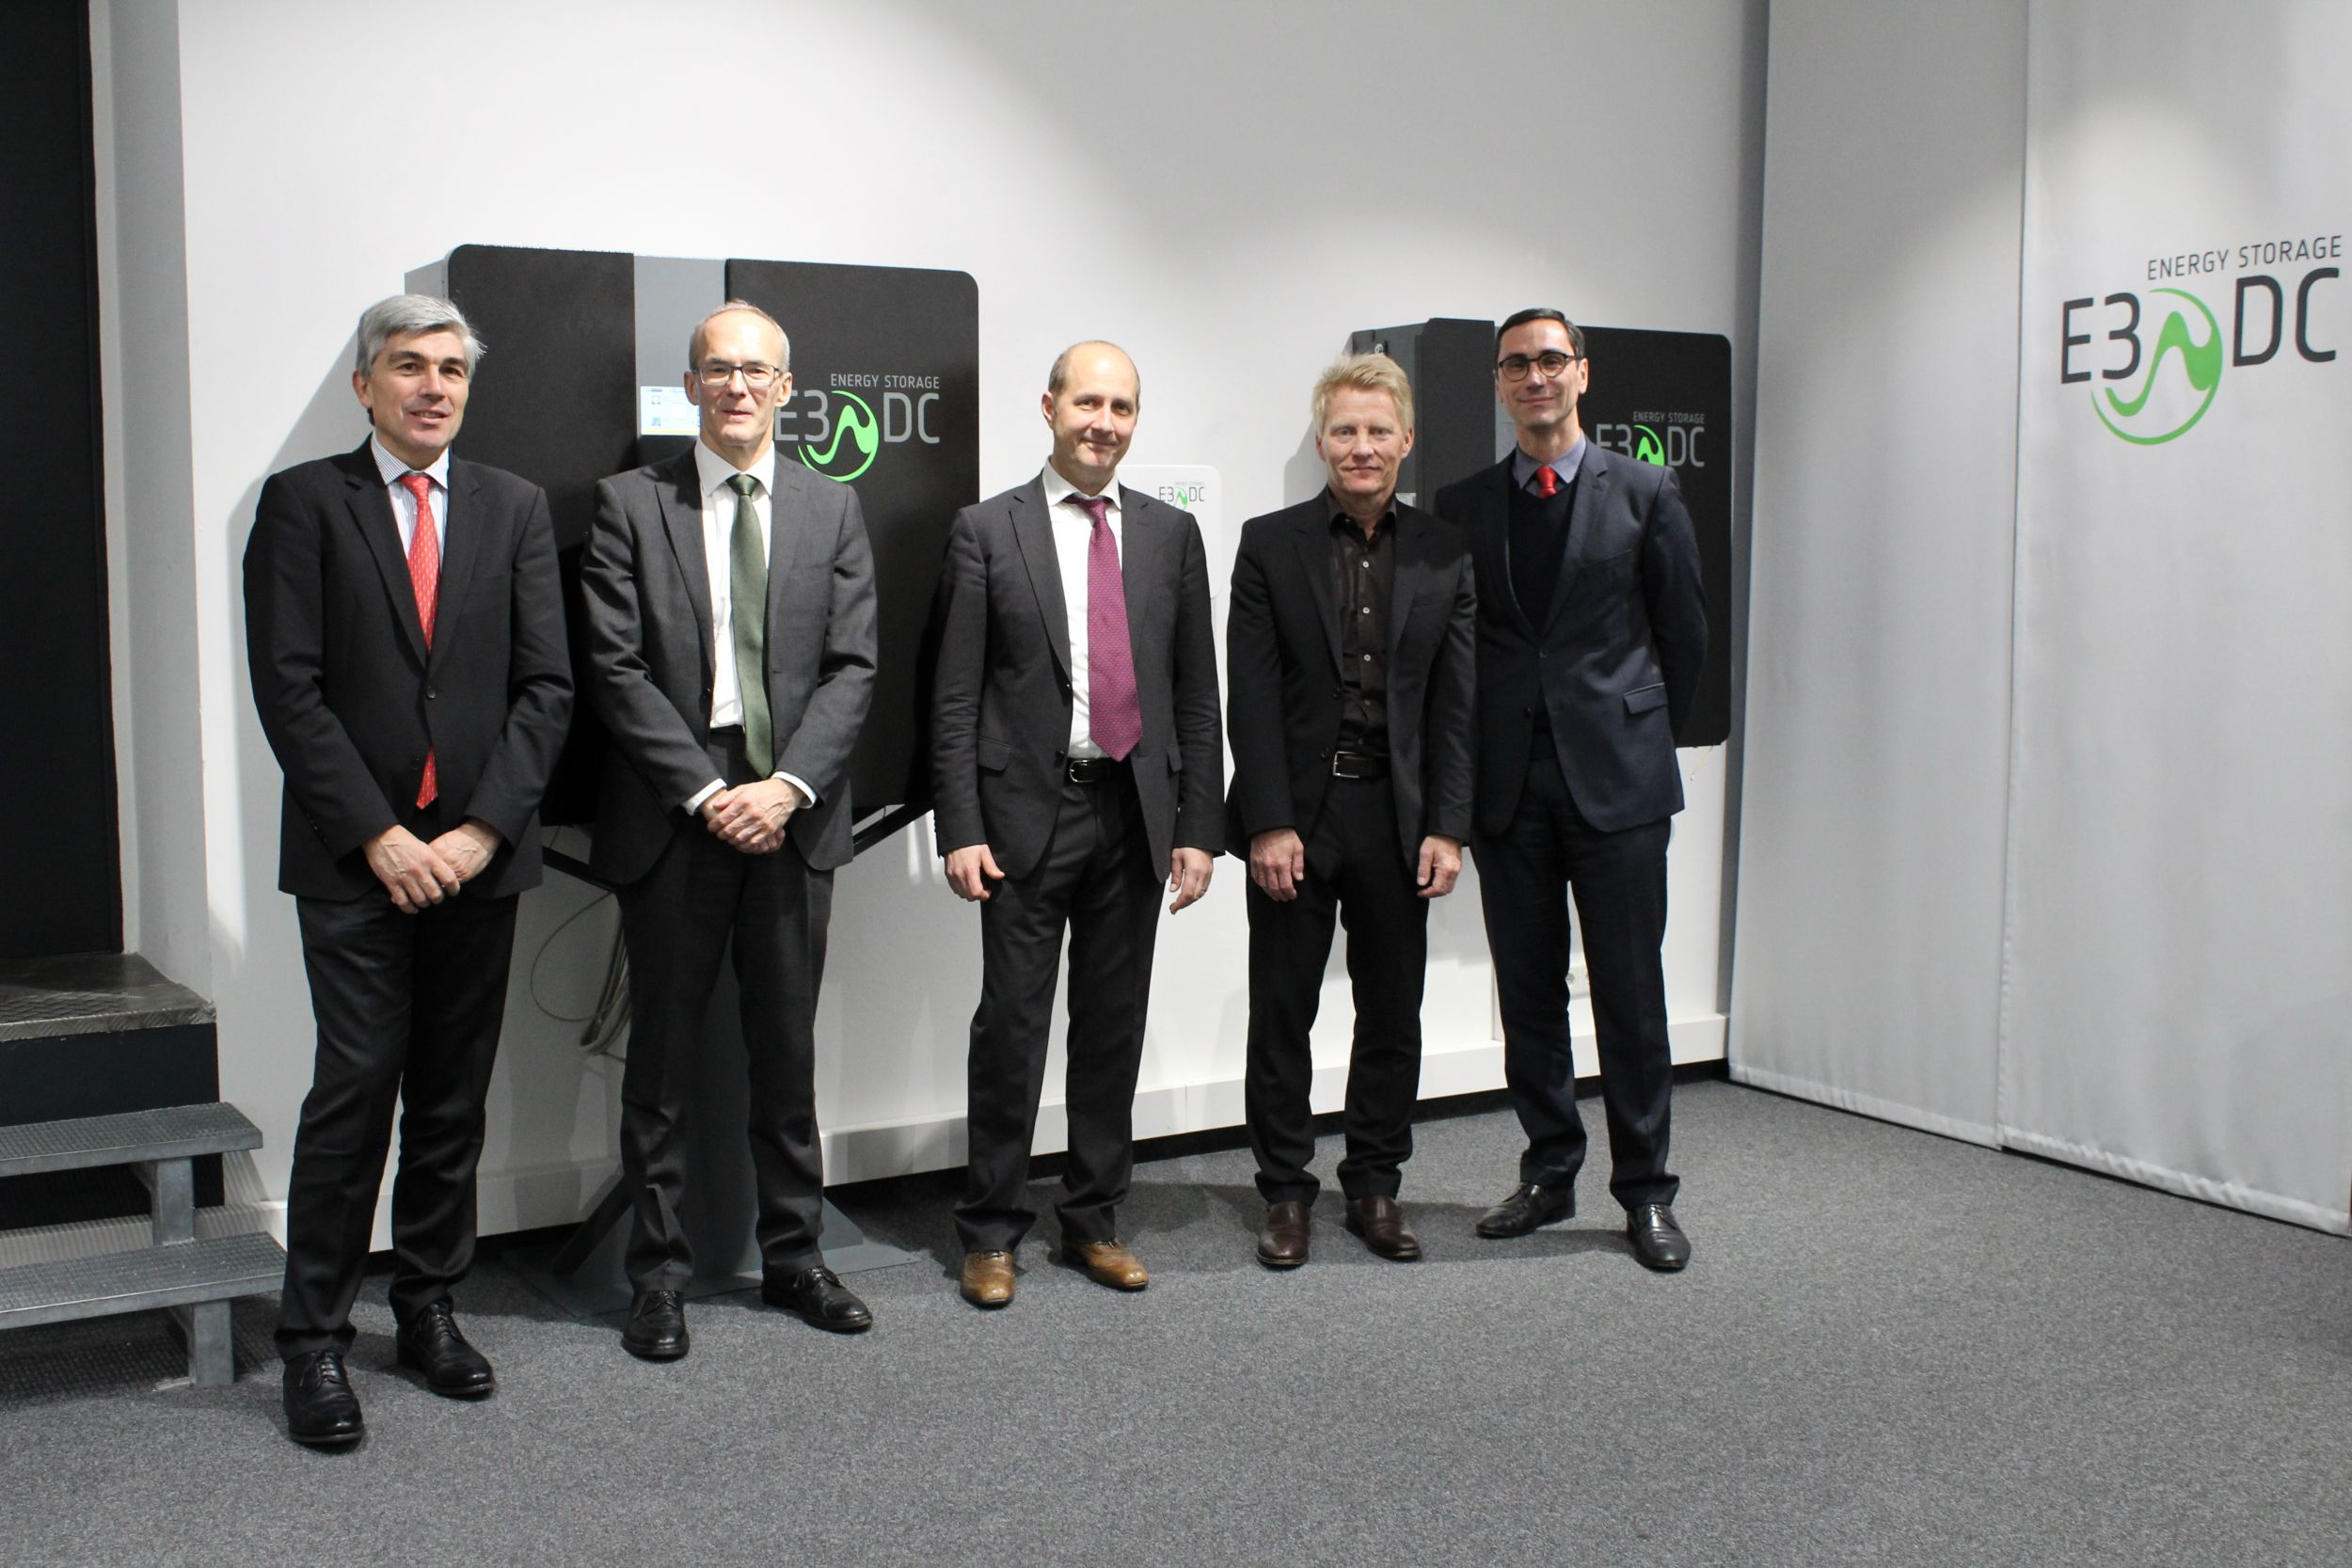 Hager Group übernimmt Energiespeicherspezialisten E3/DC